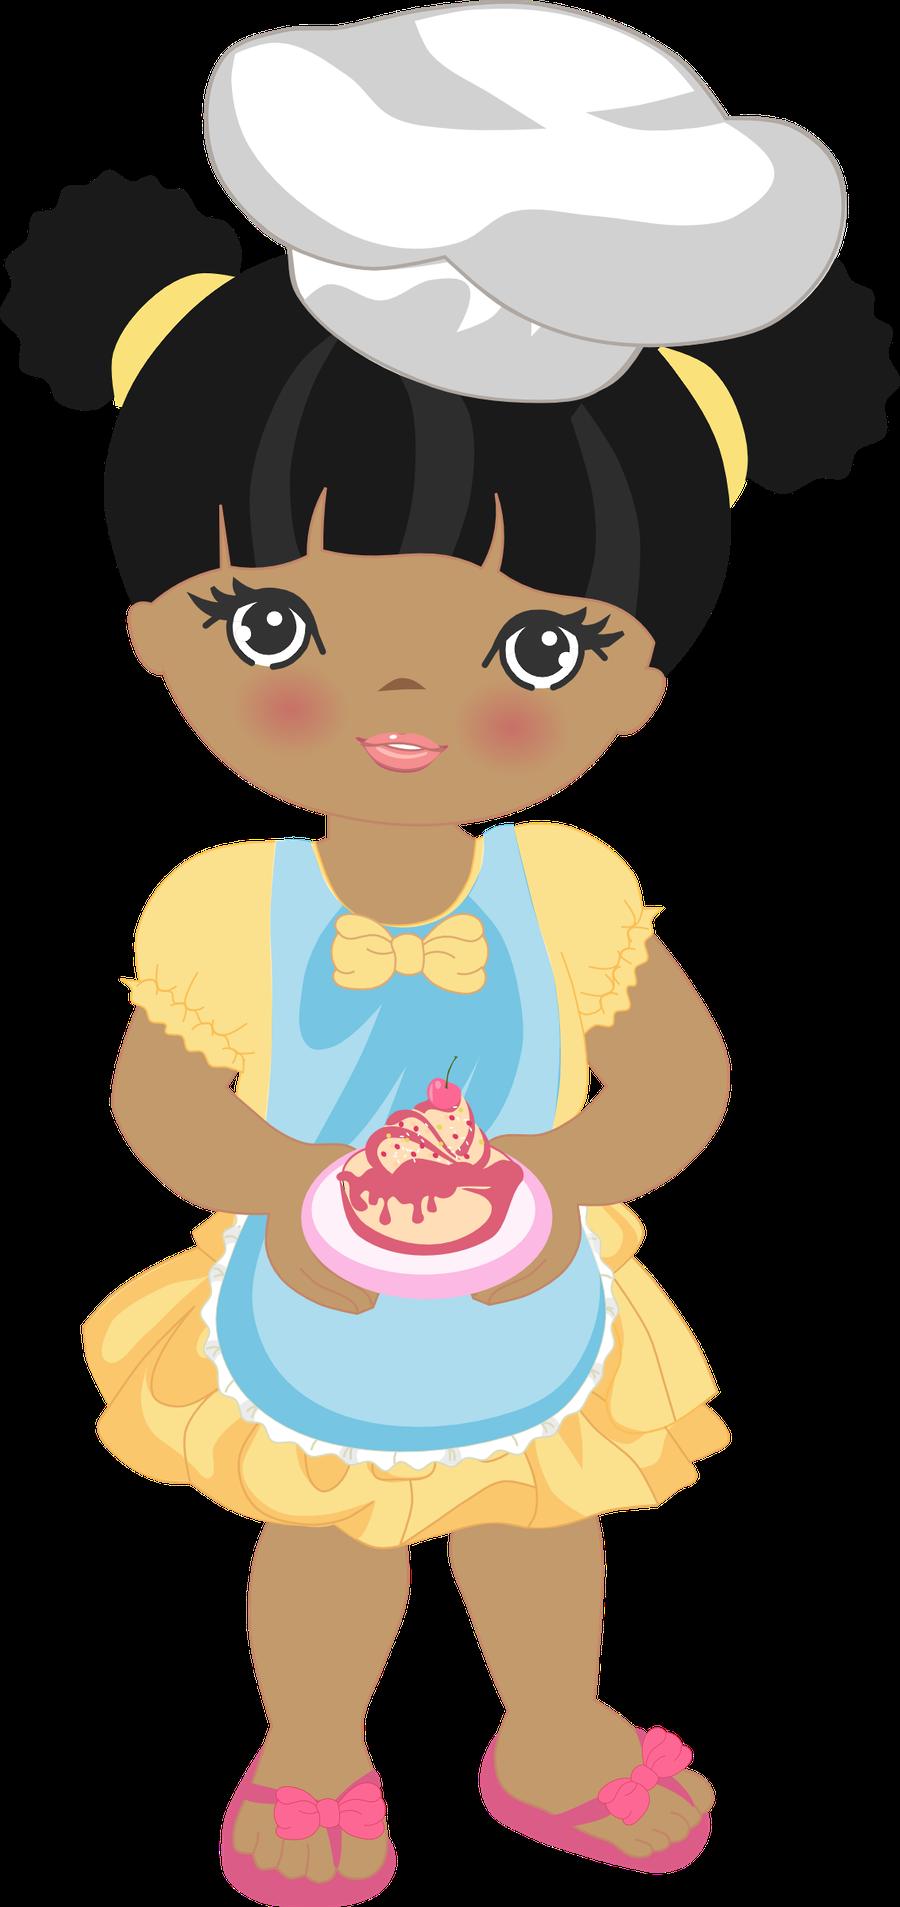 Kinder Koch Küche Applikationen Patches | Applikationen Küche Kinder ...